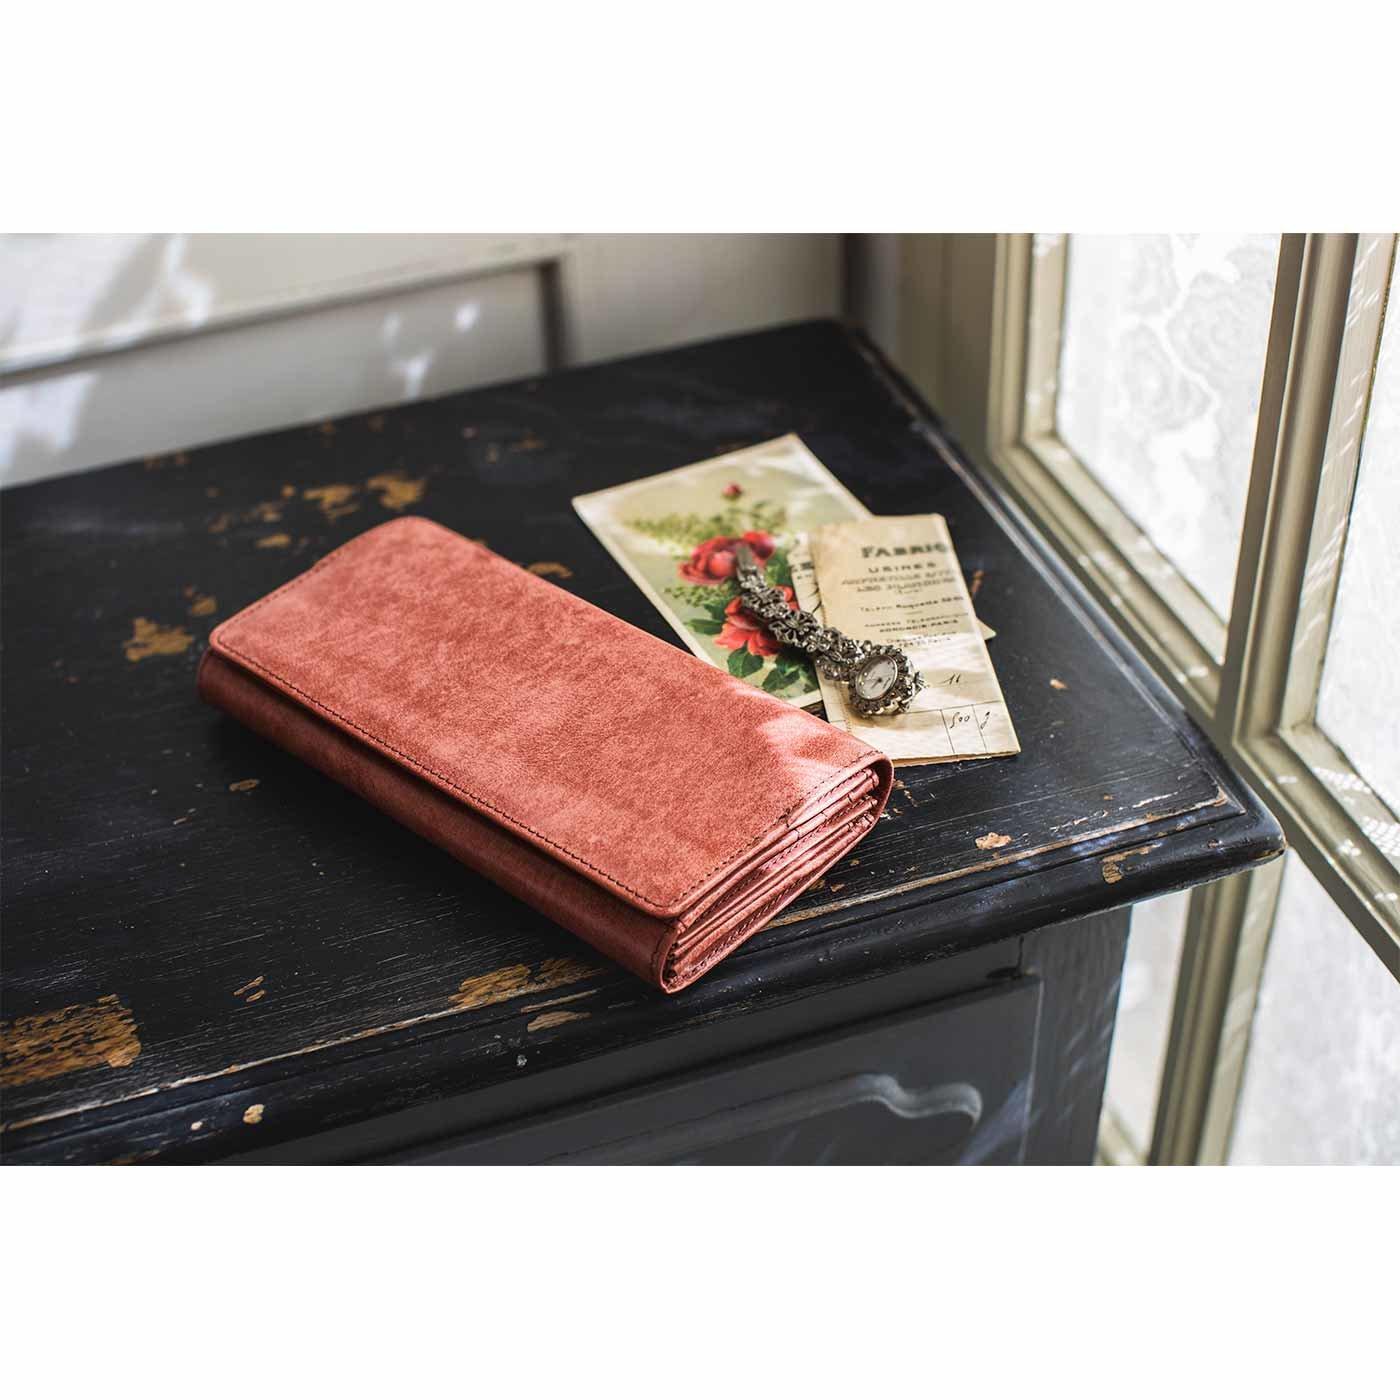 アンティーク仕上げレザーで誂(あつら)えた 気配りいっぱい大人長財布〈アンティークさくらピンク〉[本革 長財布:日本製]